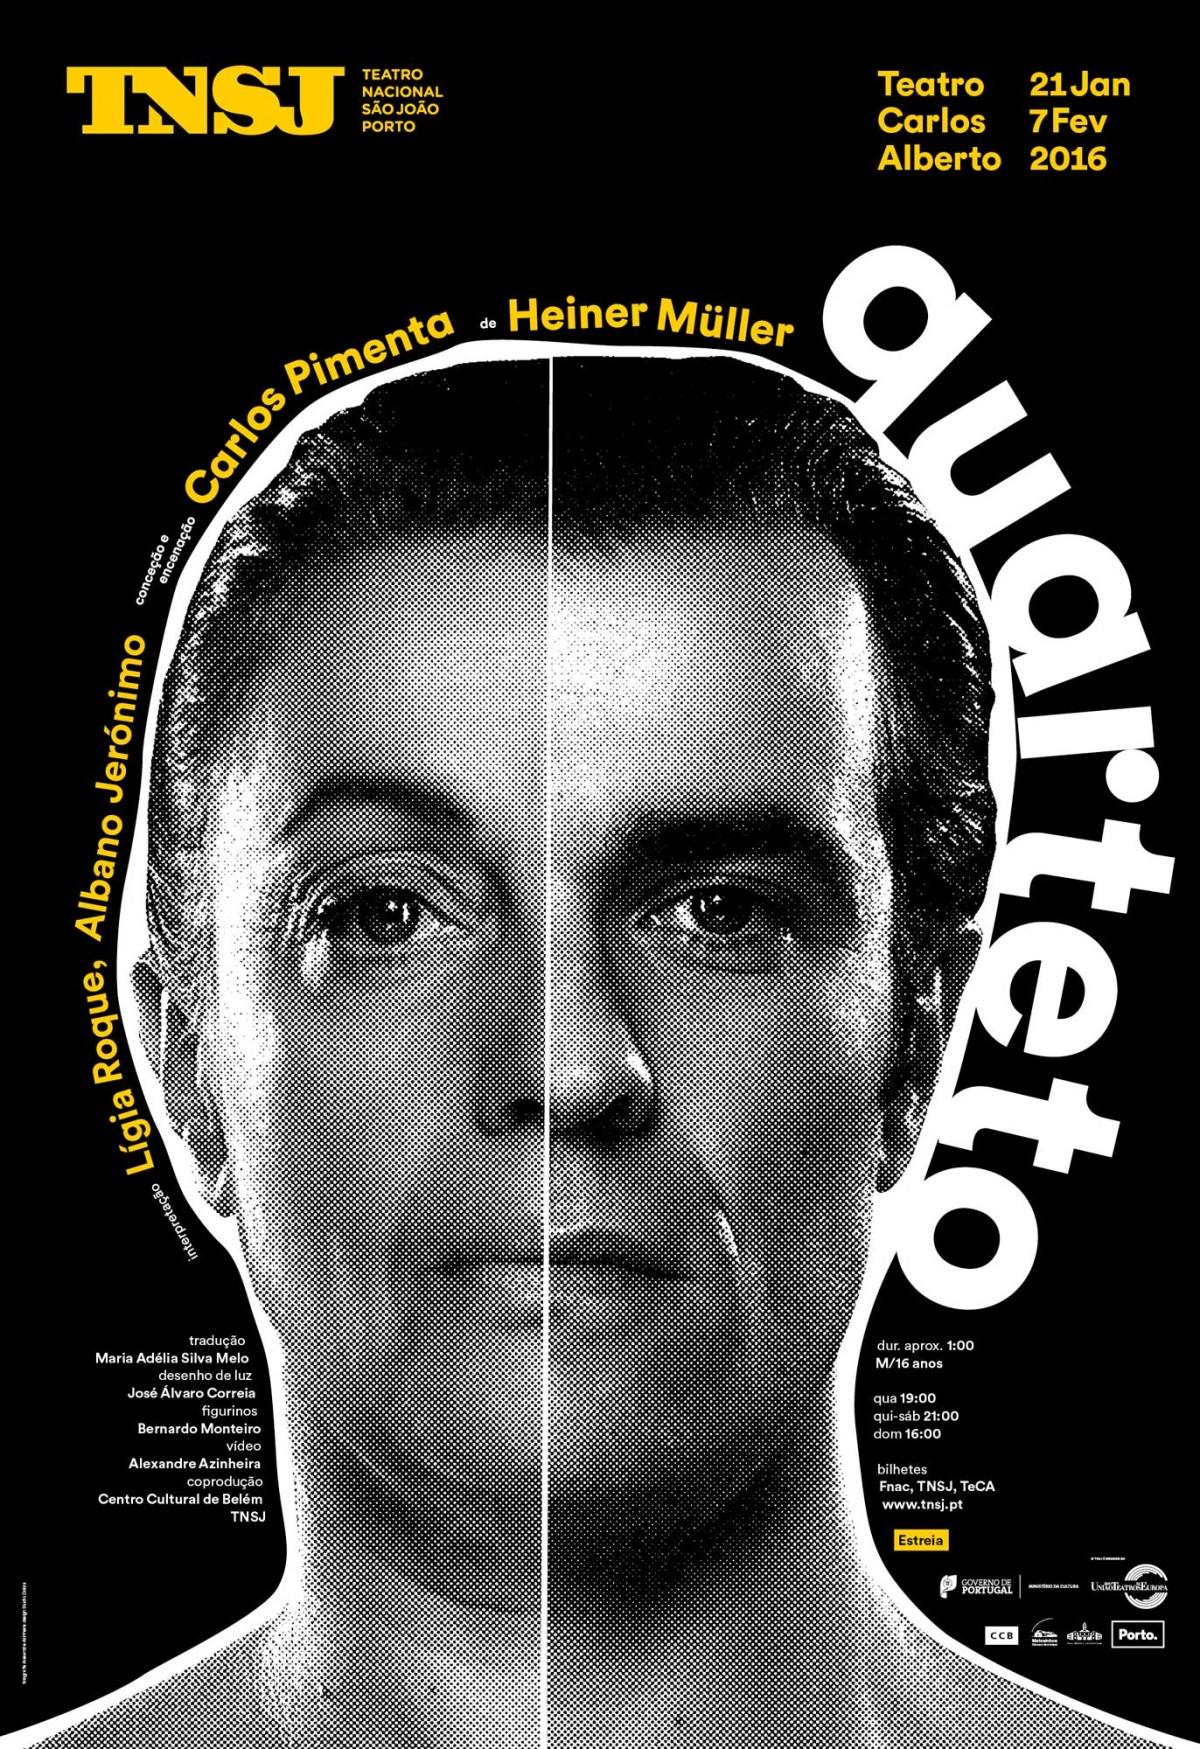 São João National Theatre Posters 2015-2016 Image:4.2